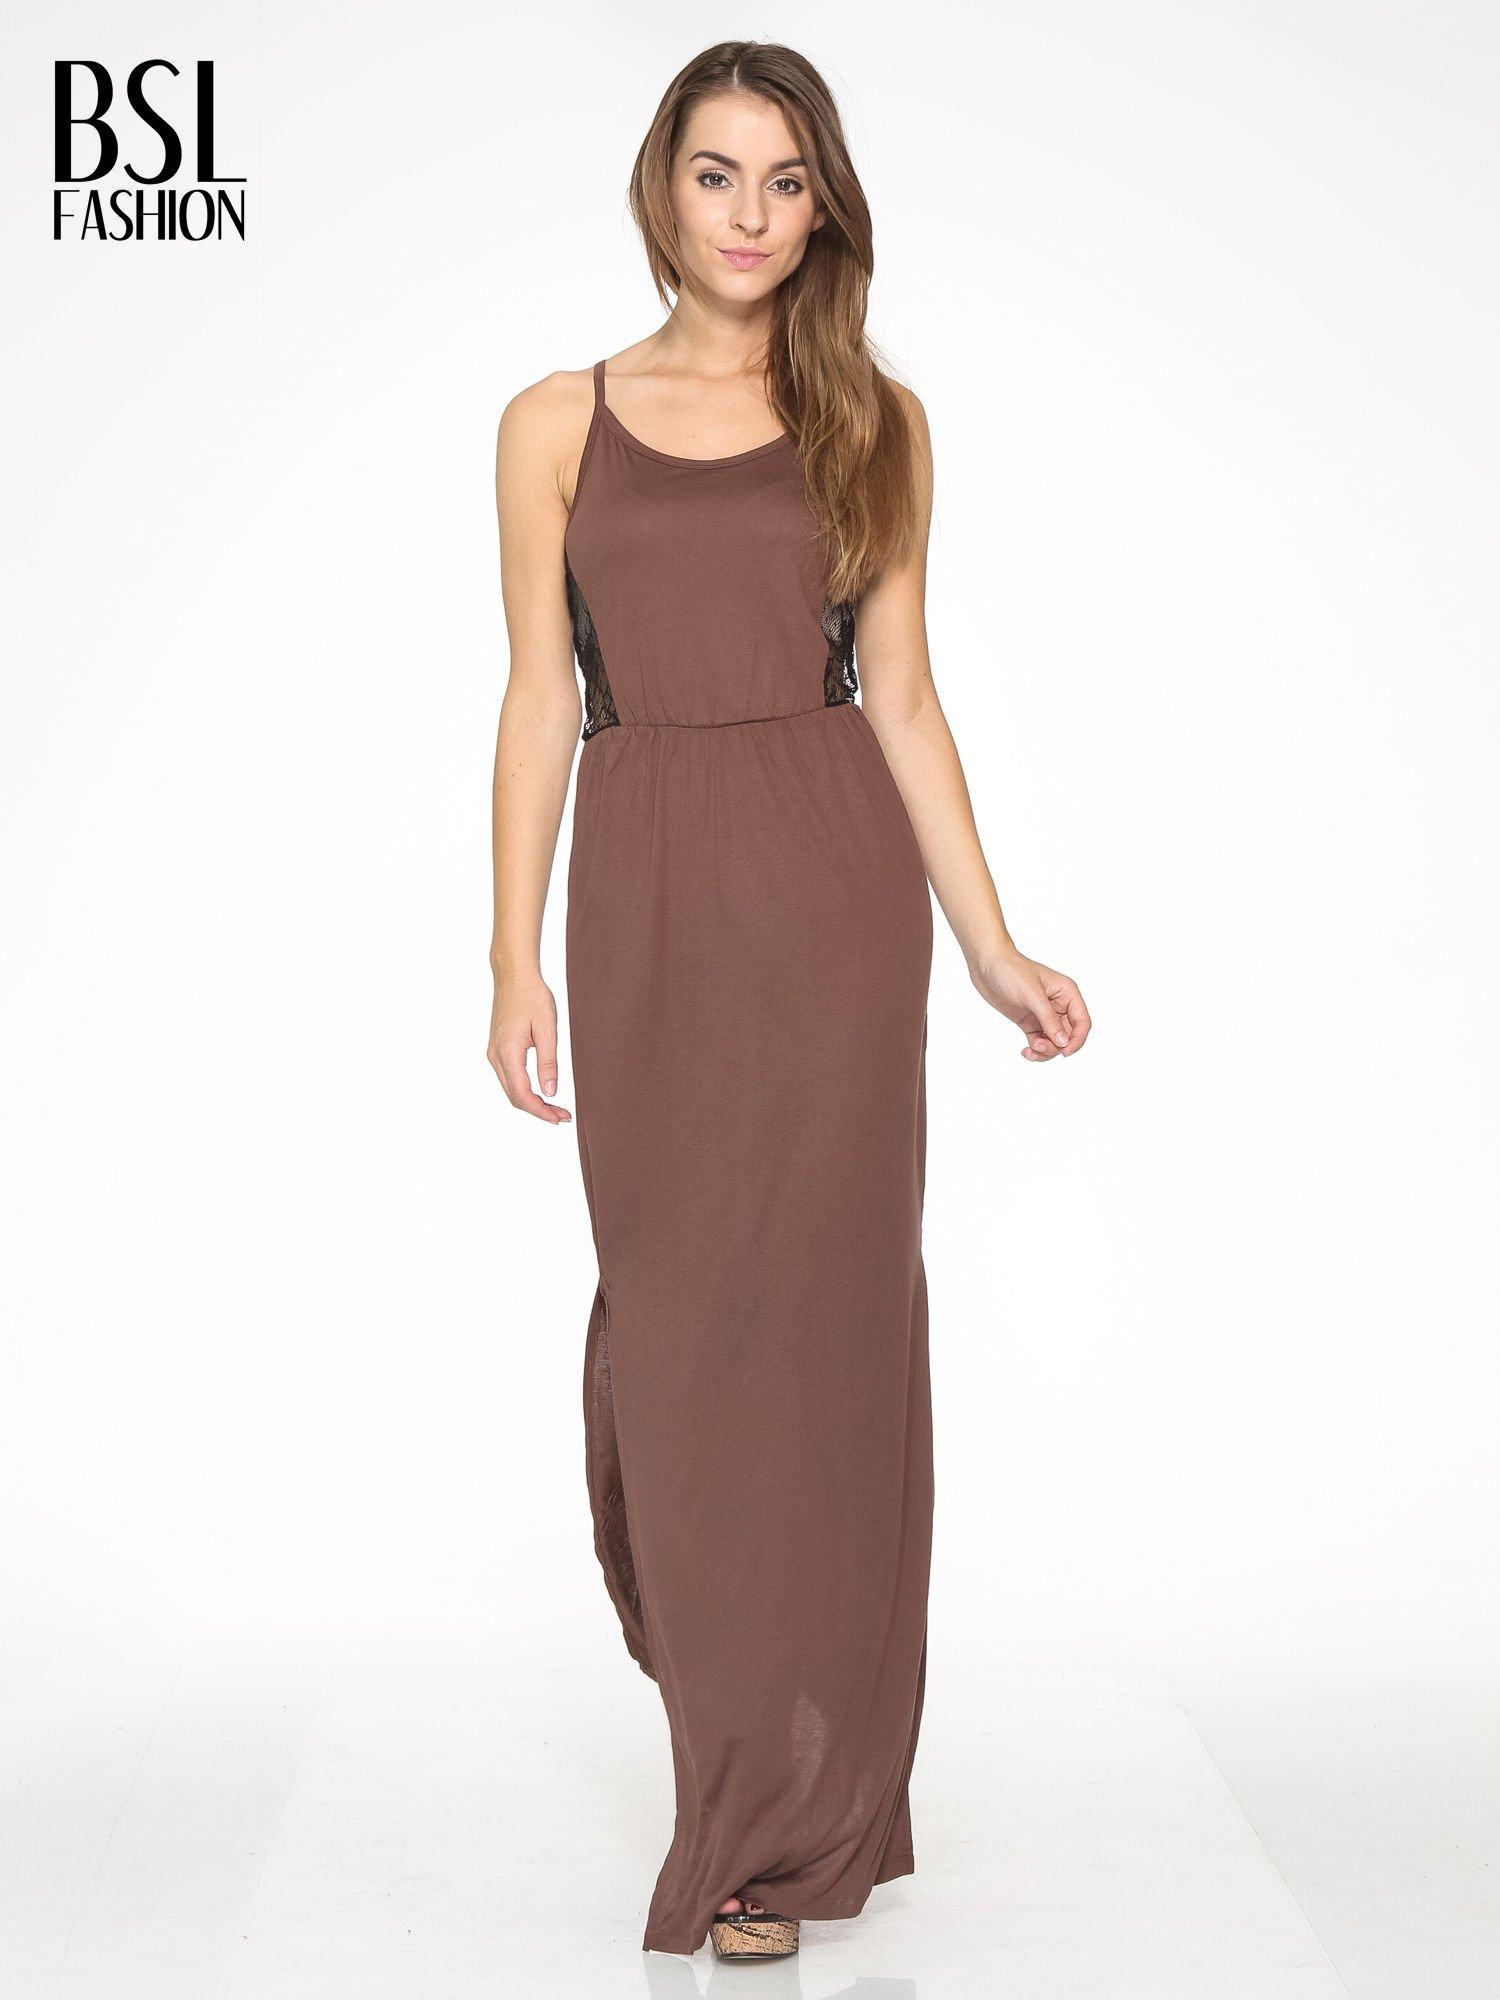 Brązowa sukienka maxi na ramiączkach z koronkowym tyłem                                  zdj.                                  2